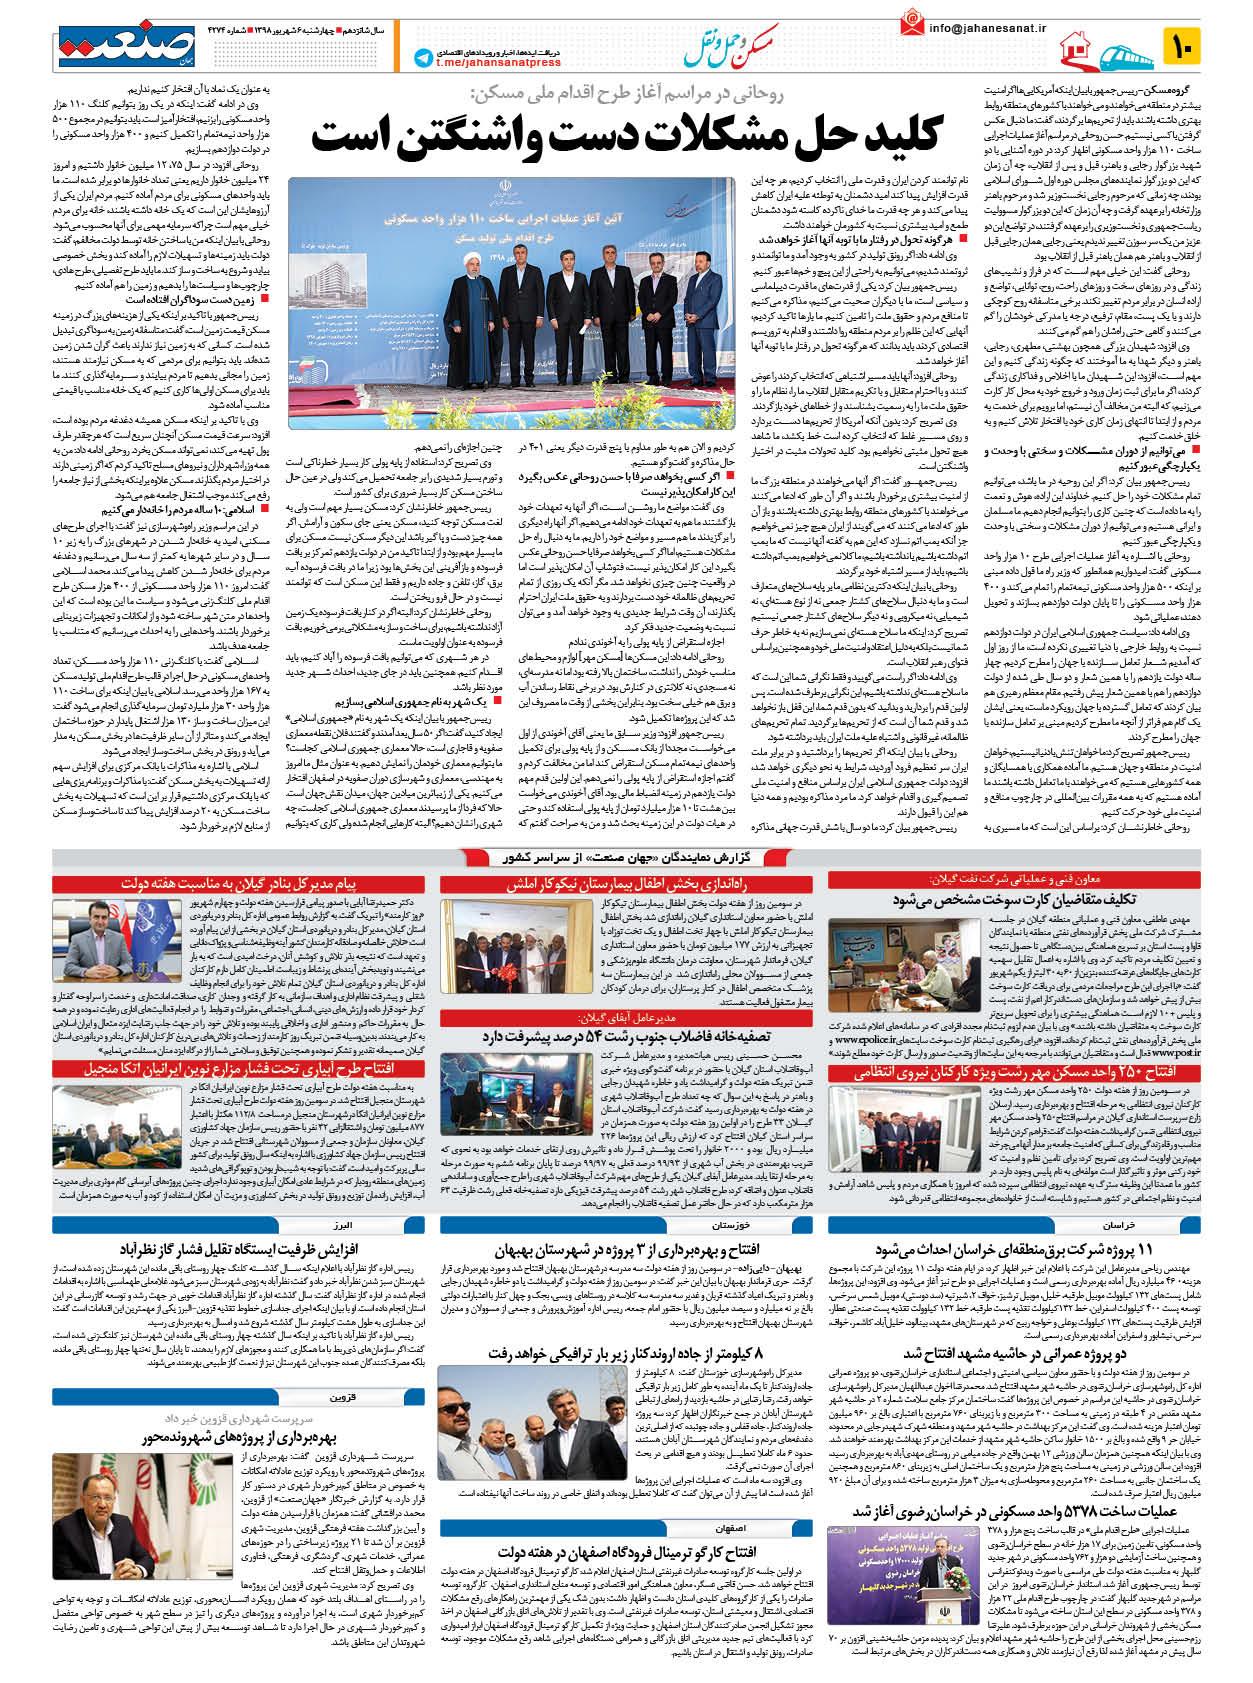 صفحه ۱۰ – ۰۶ شهریور ۱۳۹۸